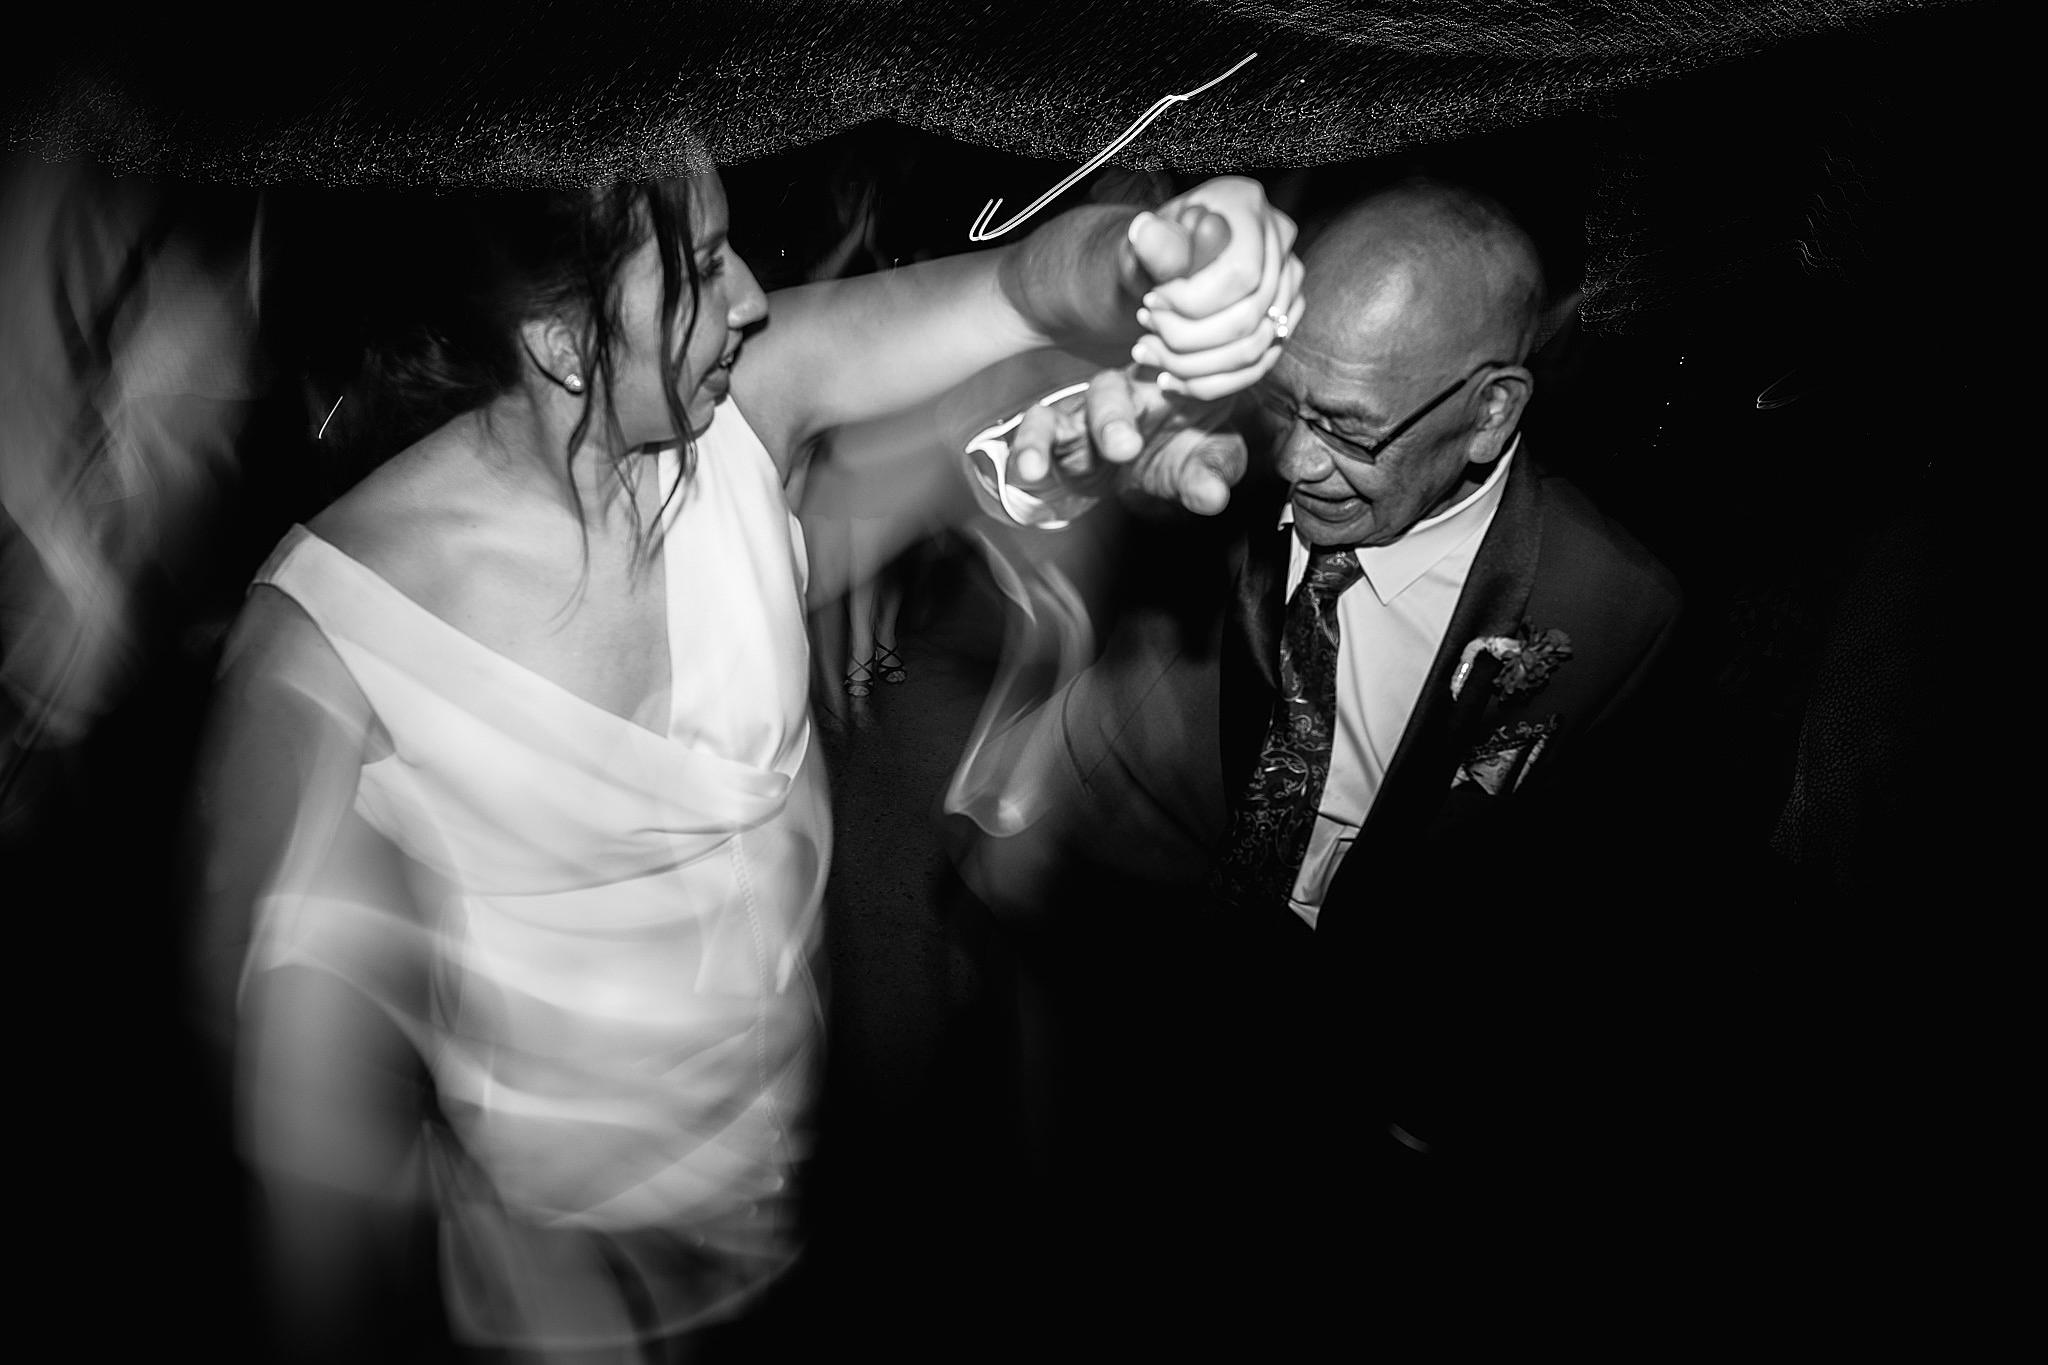 Canberra Wedding Photography,canberra weddings,ACT weddings,ACT wedding photographer,destination wedding,country wedding,Farm Wedding,Pialligo Estate wedding,Pialligo Estate,canberra florist,Keepsakephoto by the Keeffes,Barn Wedding,autumn wedding,canberra wedding,Canberra Wedding Photographer,